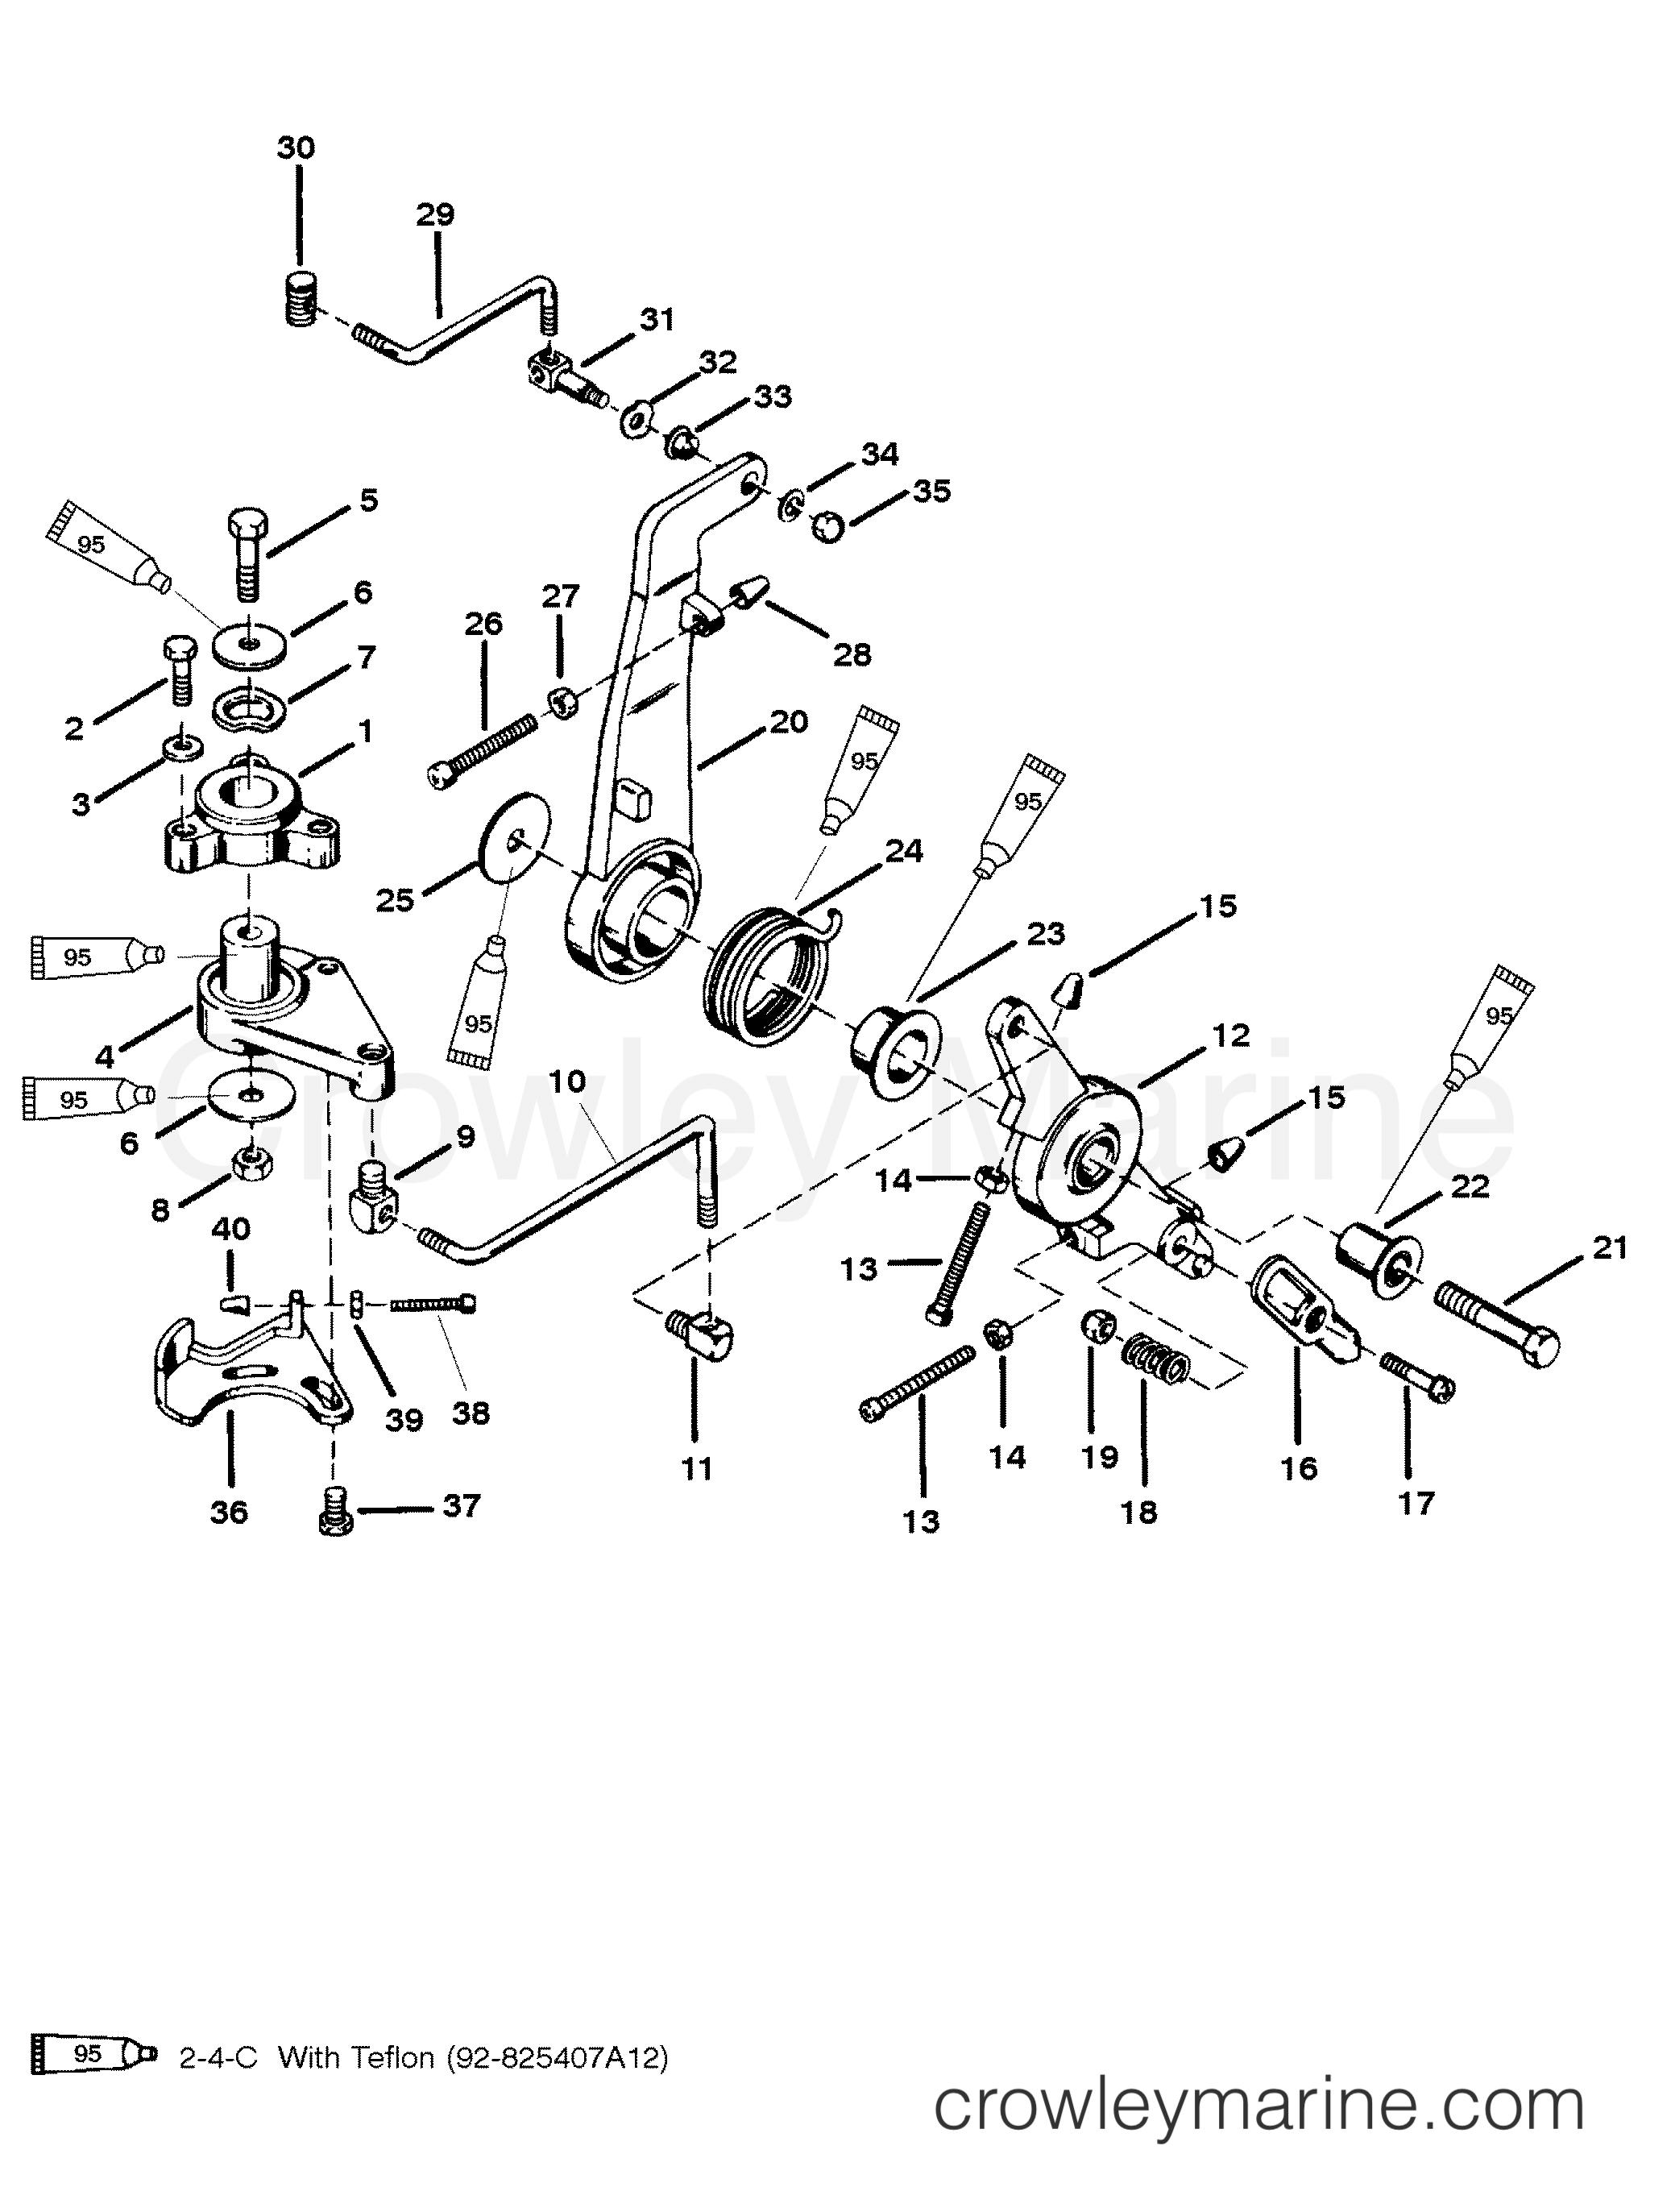 Throttle Control Linkage Metal Link Rod Swivels